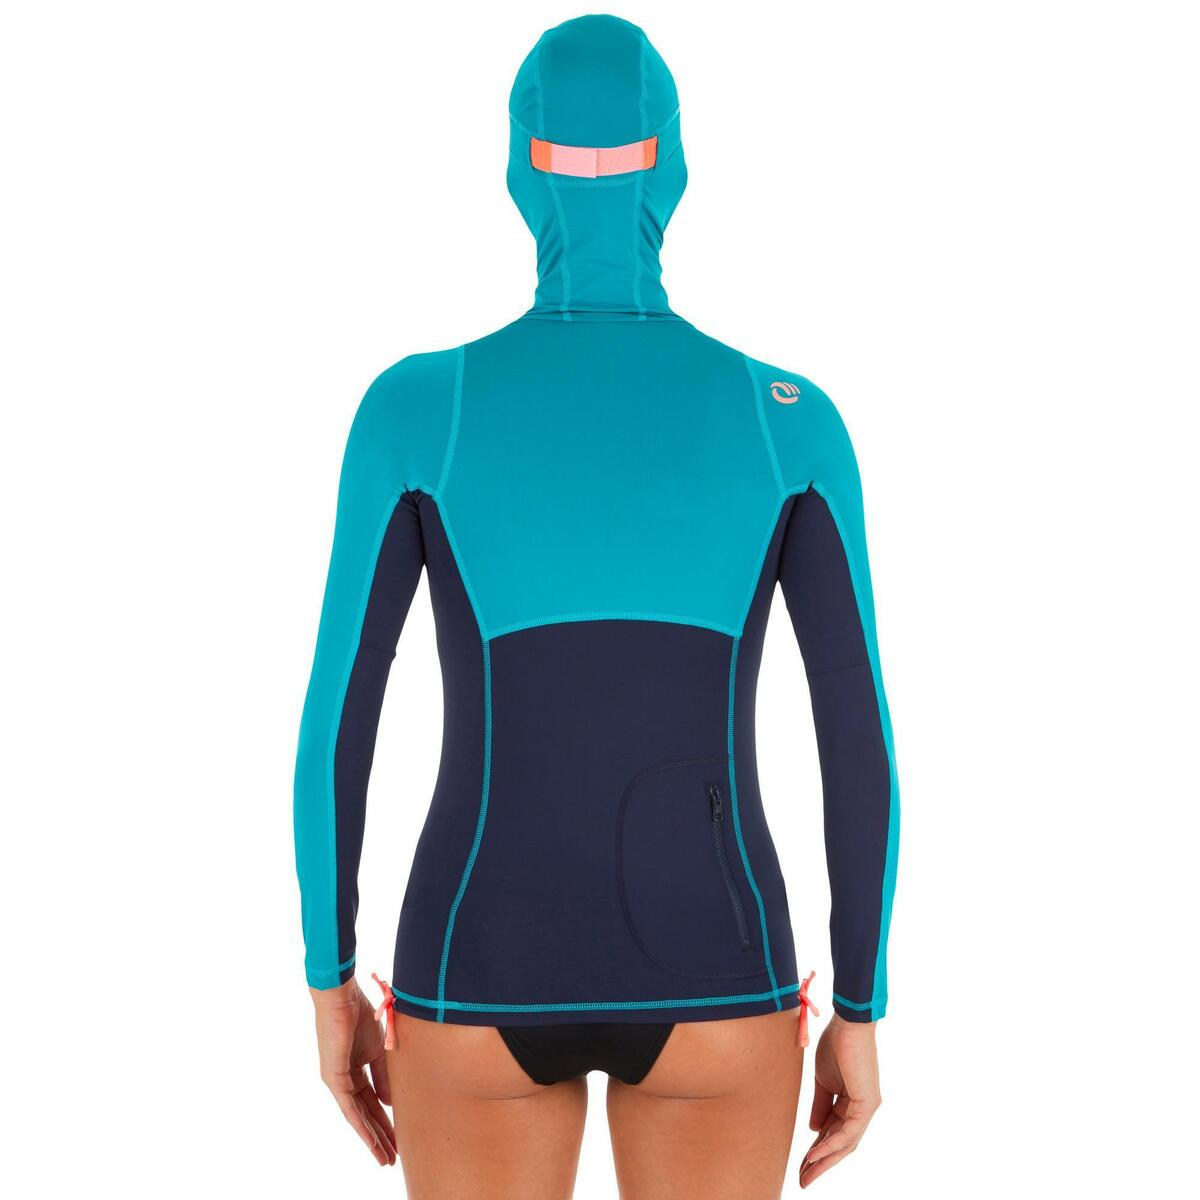 Bild 2 von UV-Shirt Surfen Top 500 mit Kapuze Damen blau/grün